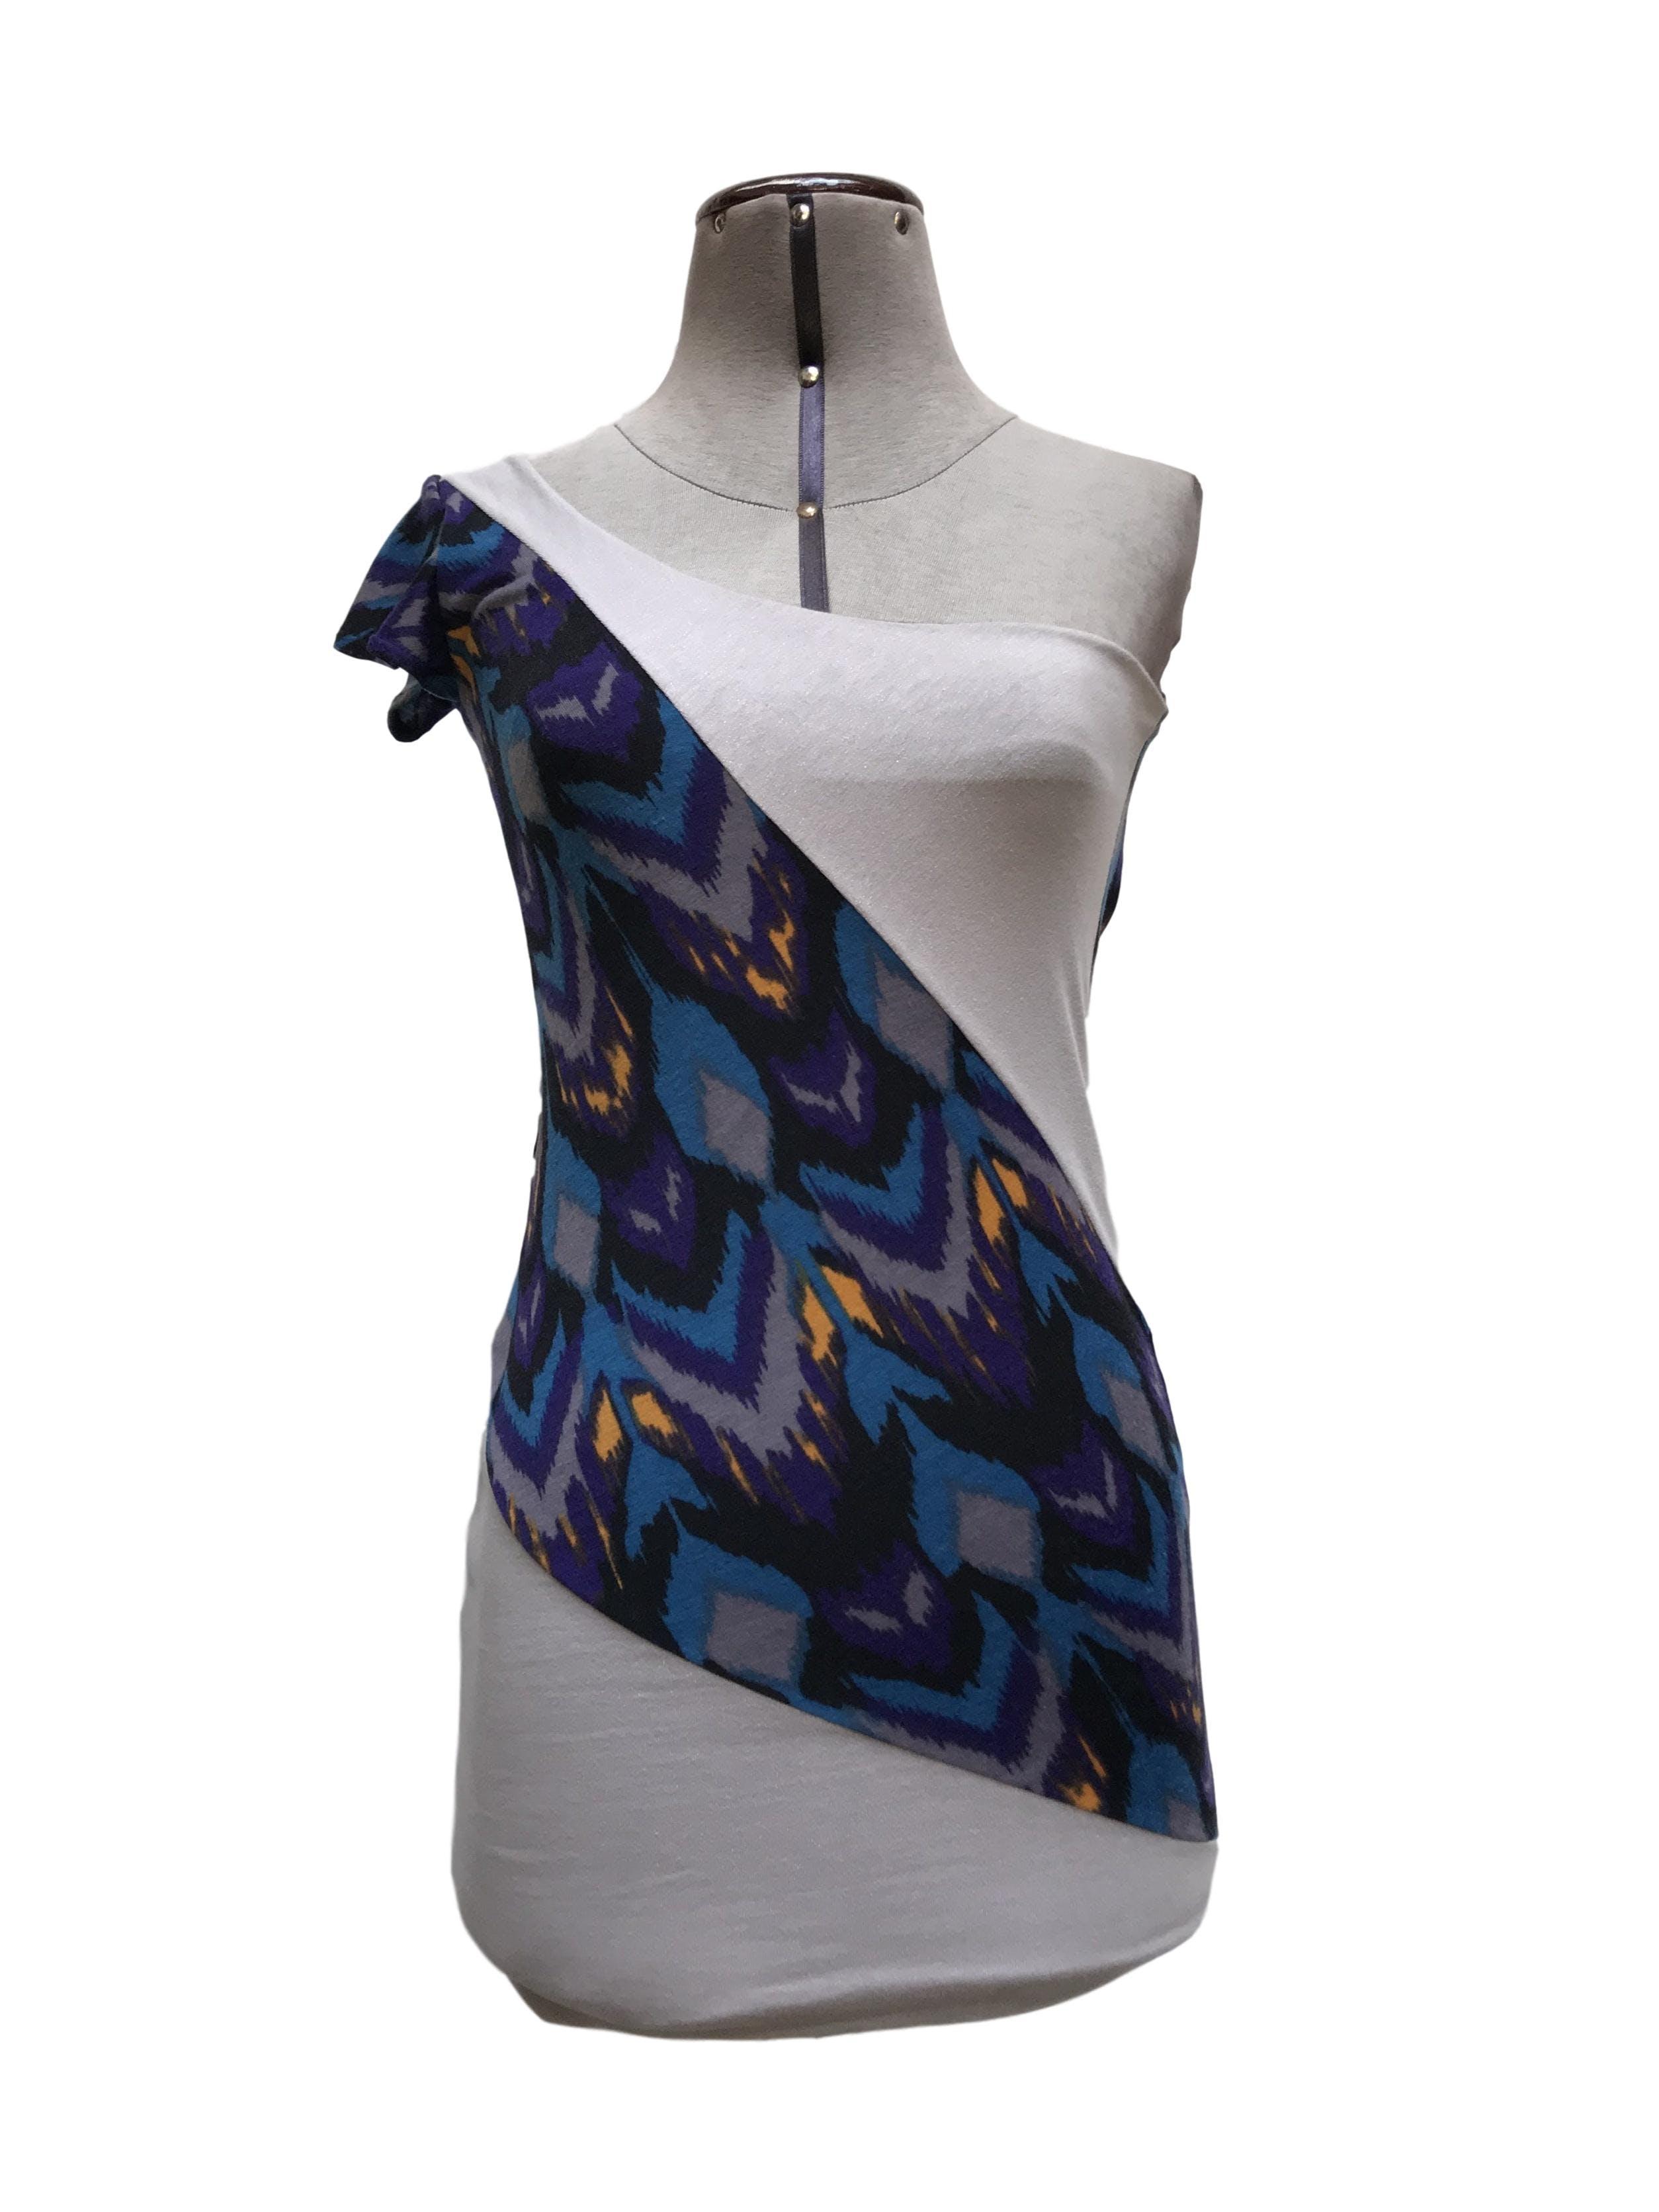 Vestido one shoulder de algodón forrado, franjas diagonales plomas y estampado, escote en la espalda con tiras Talla S